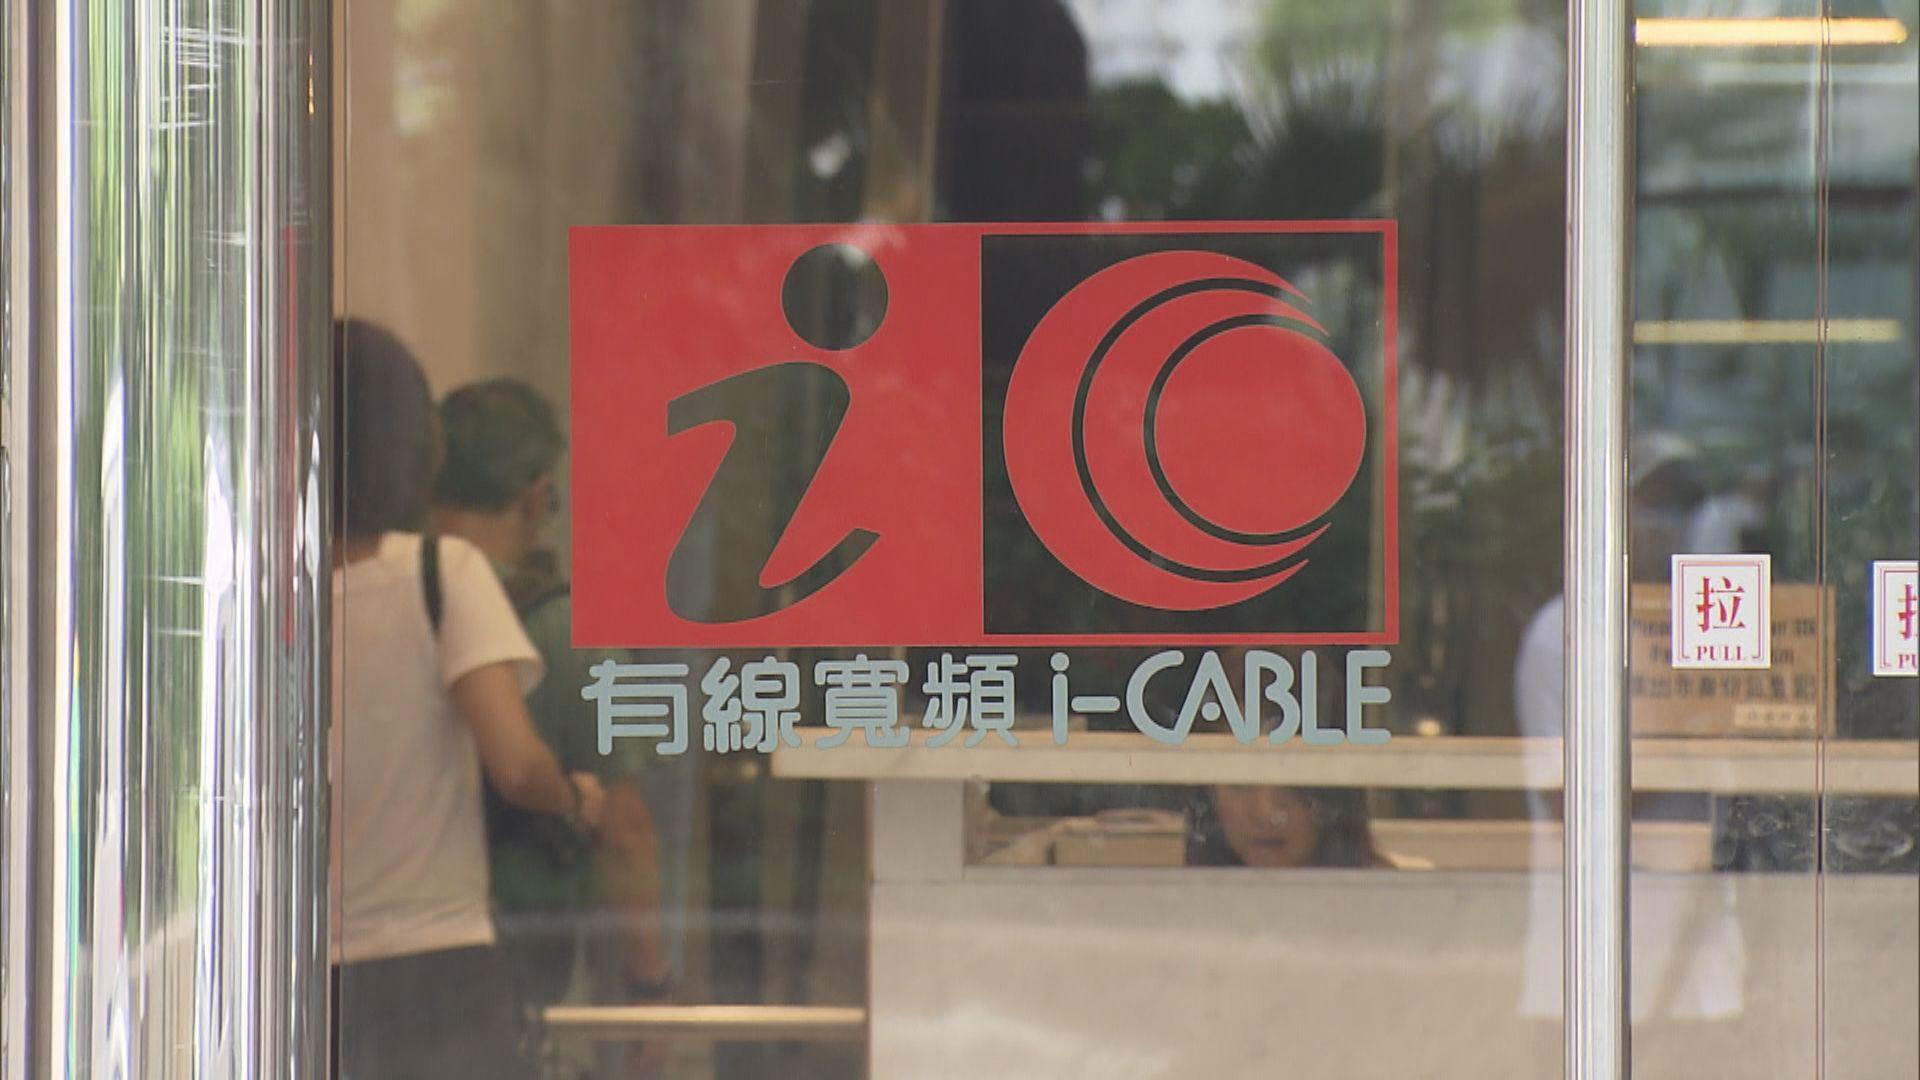 有線新聞部裁40人 多個部門主管相繼辭職